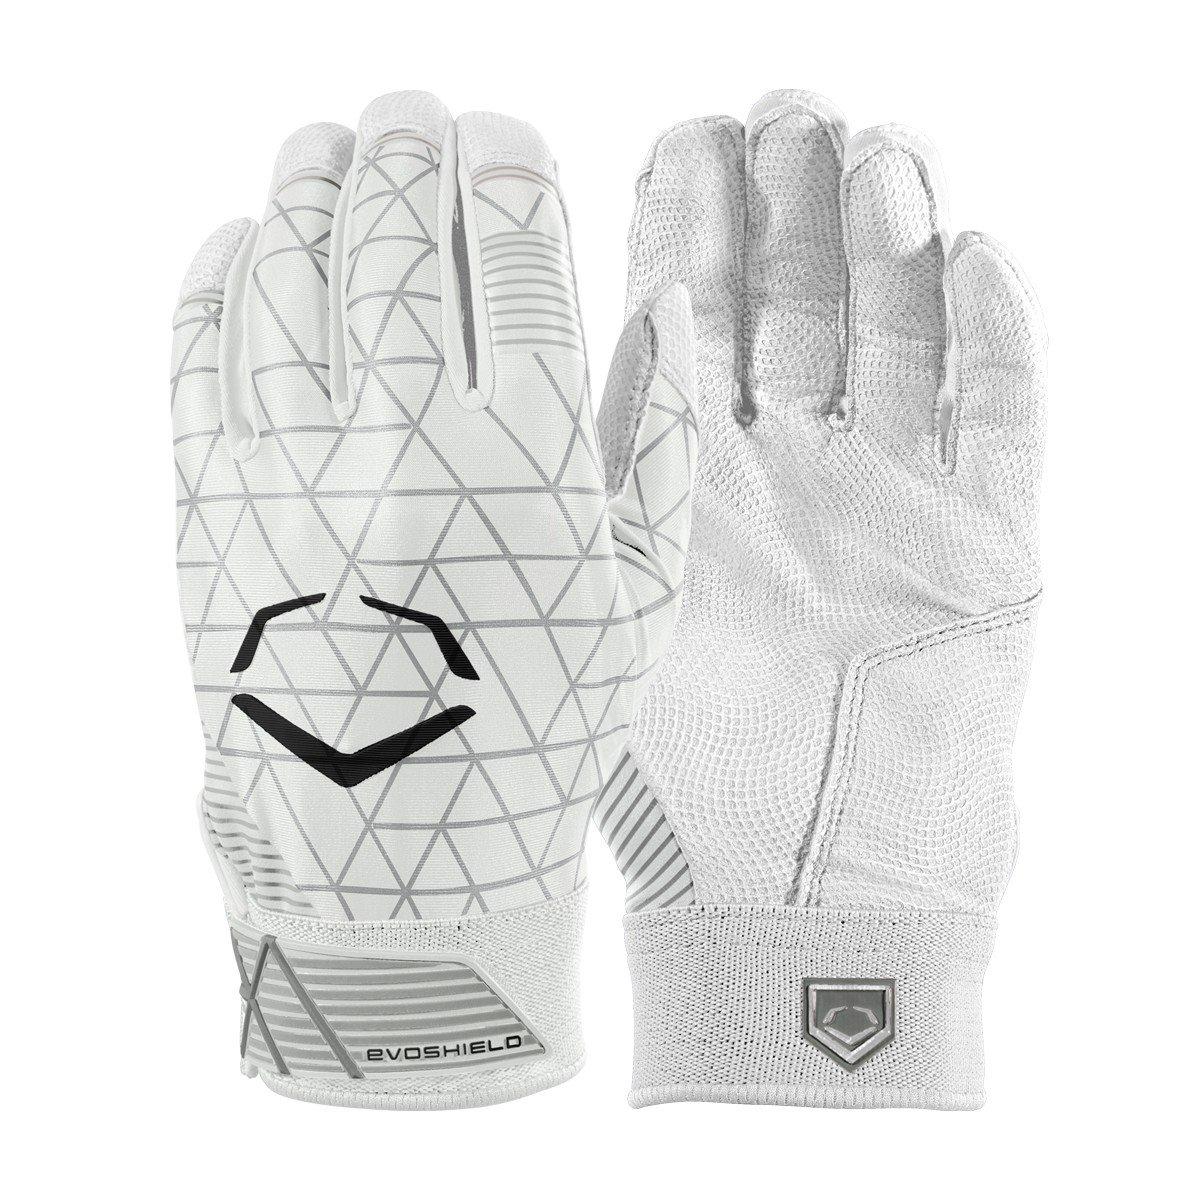 Evoshield evocharge保護用バッティング手袋 B0741JS3RM Large|ホワイト|ユース ホワイト Large